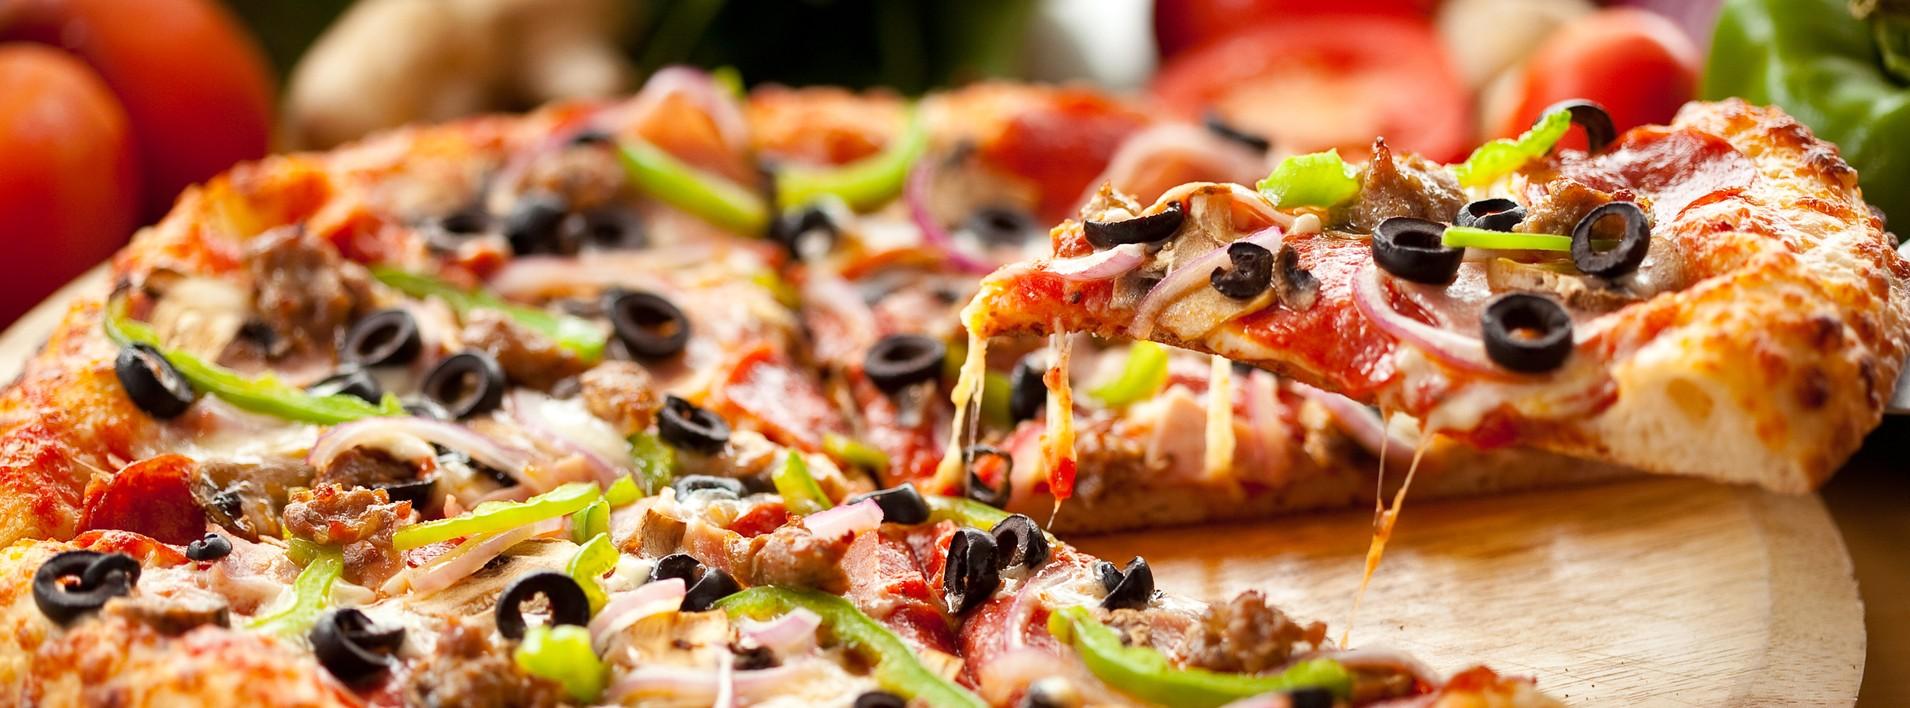 podświadomość w fmcg/ pizza